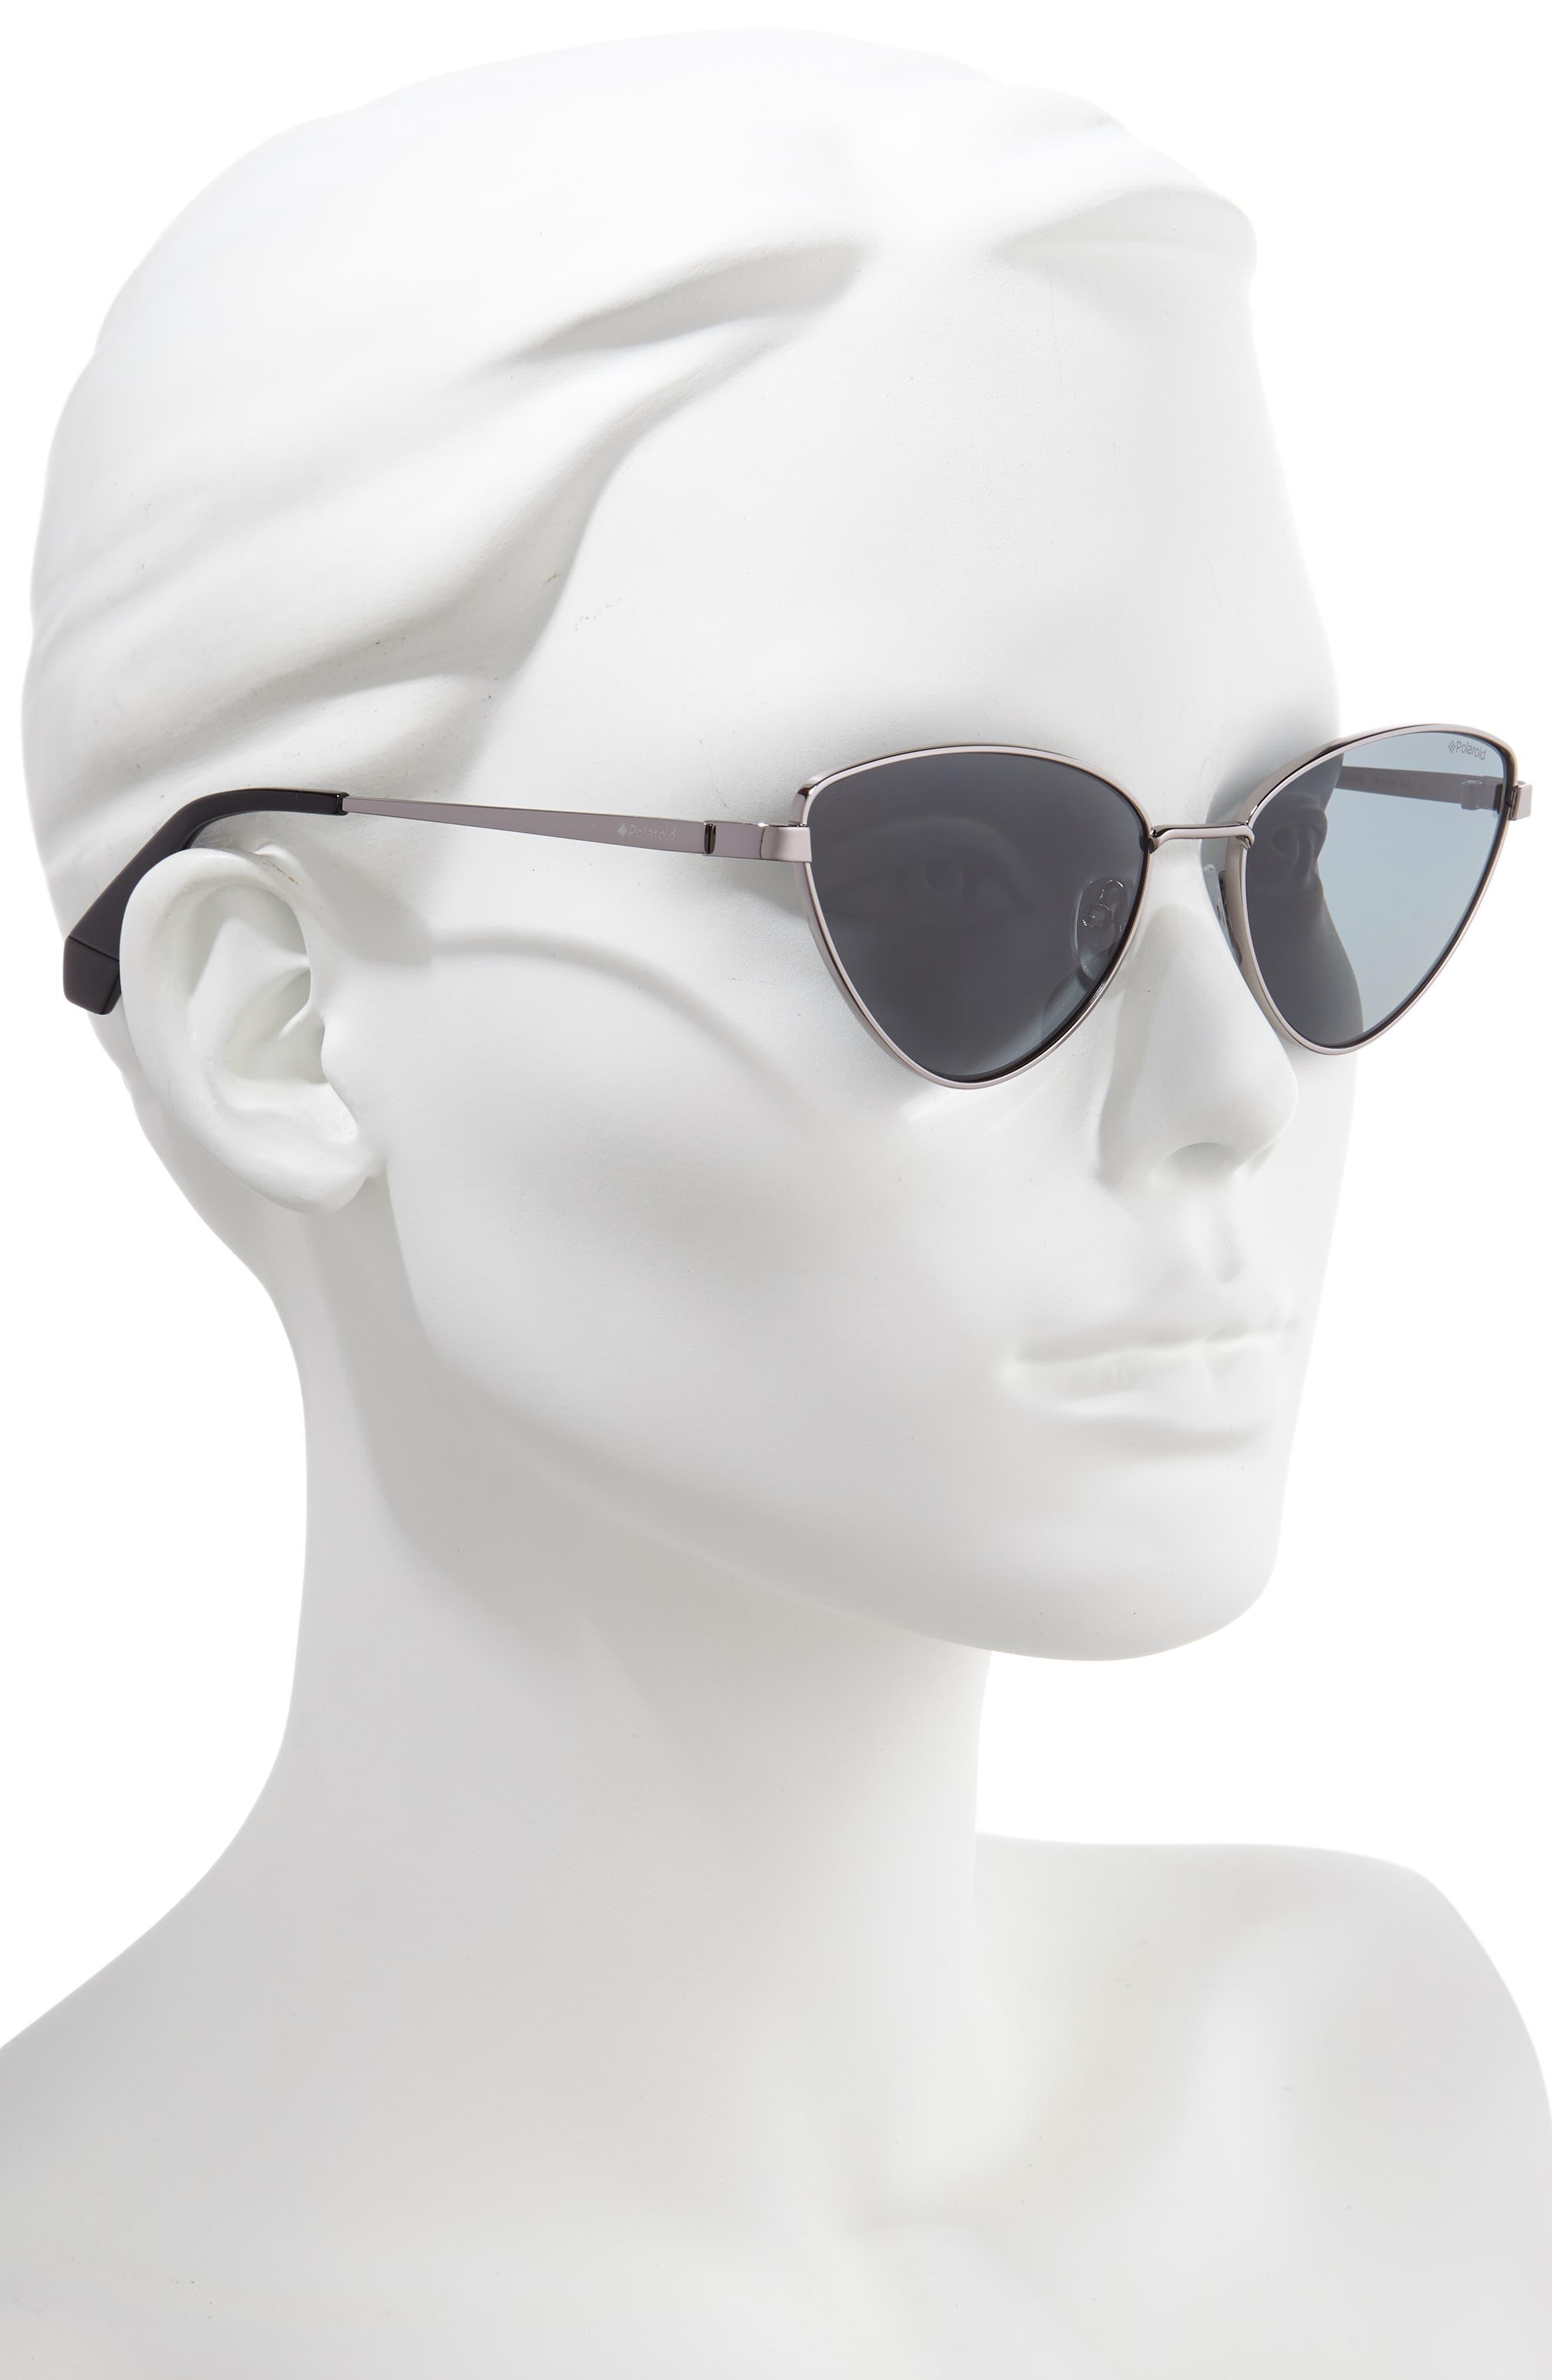 e1eebc2fee429 Polaroid Sunglasses for Women